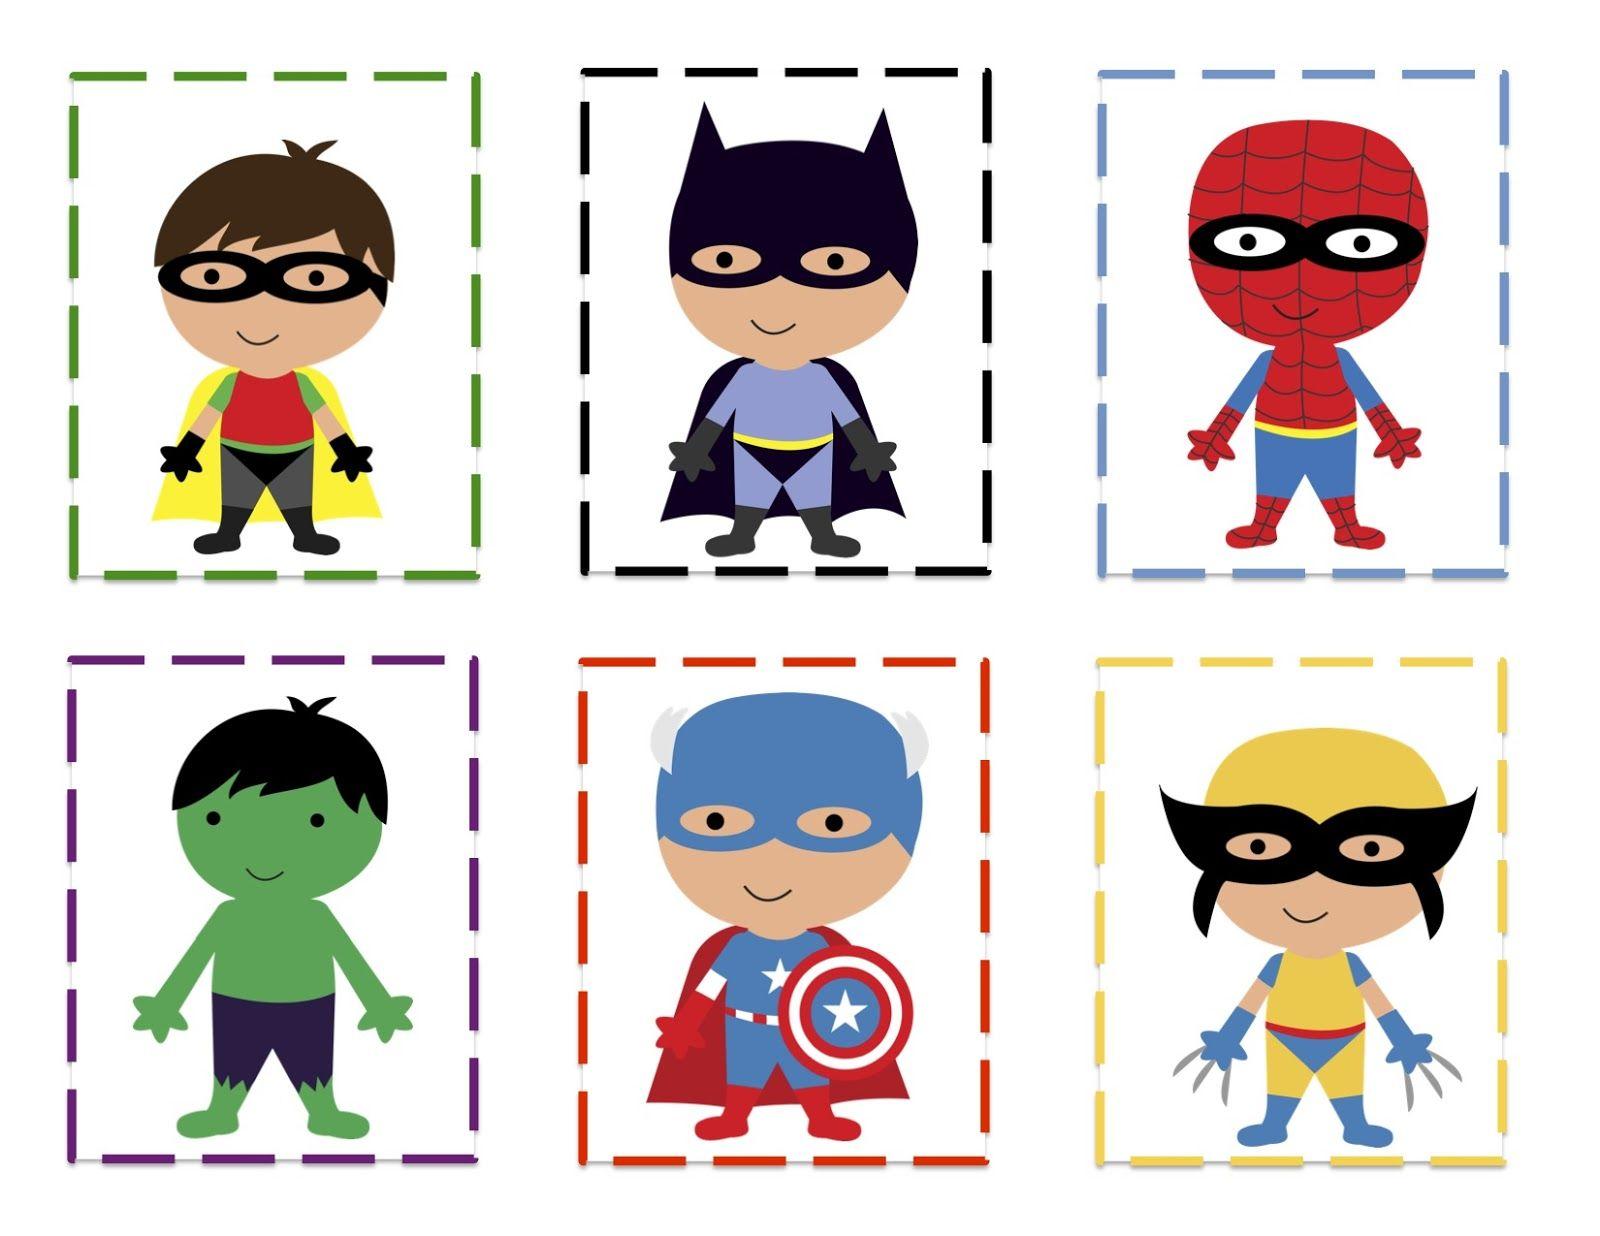 Community Helper S Pattern Cards